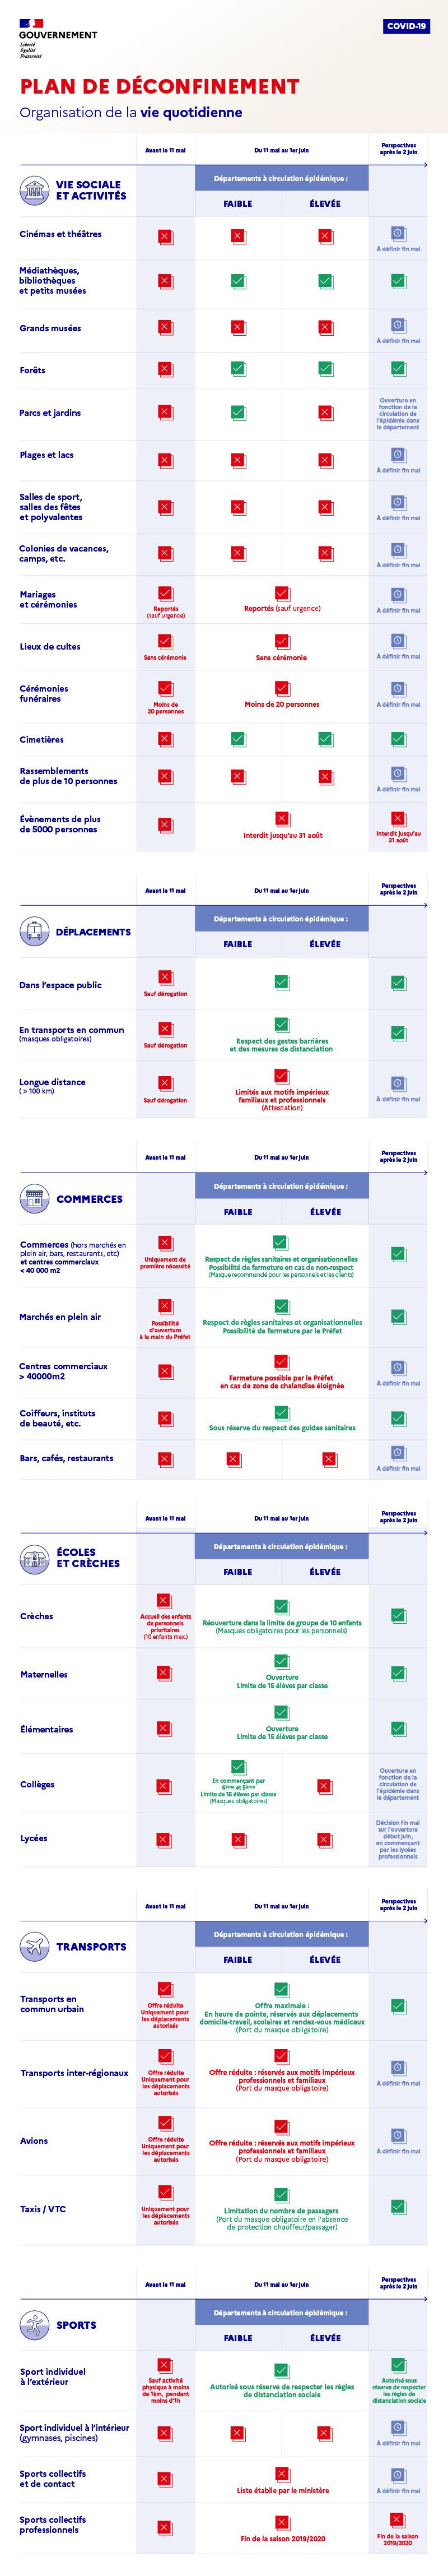 infographie_deconfinement_-_020520.jpg